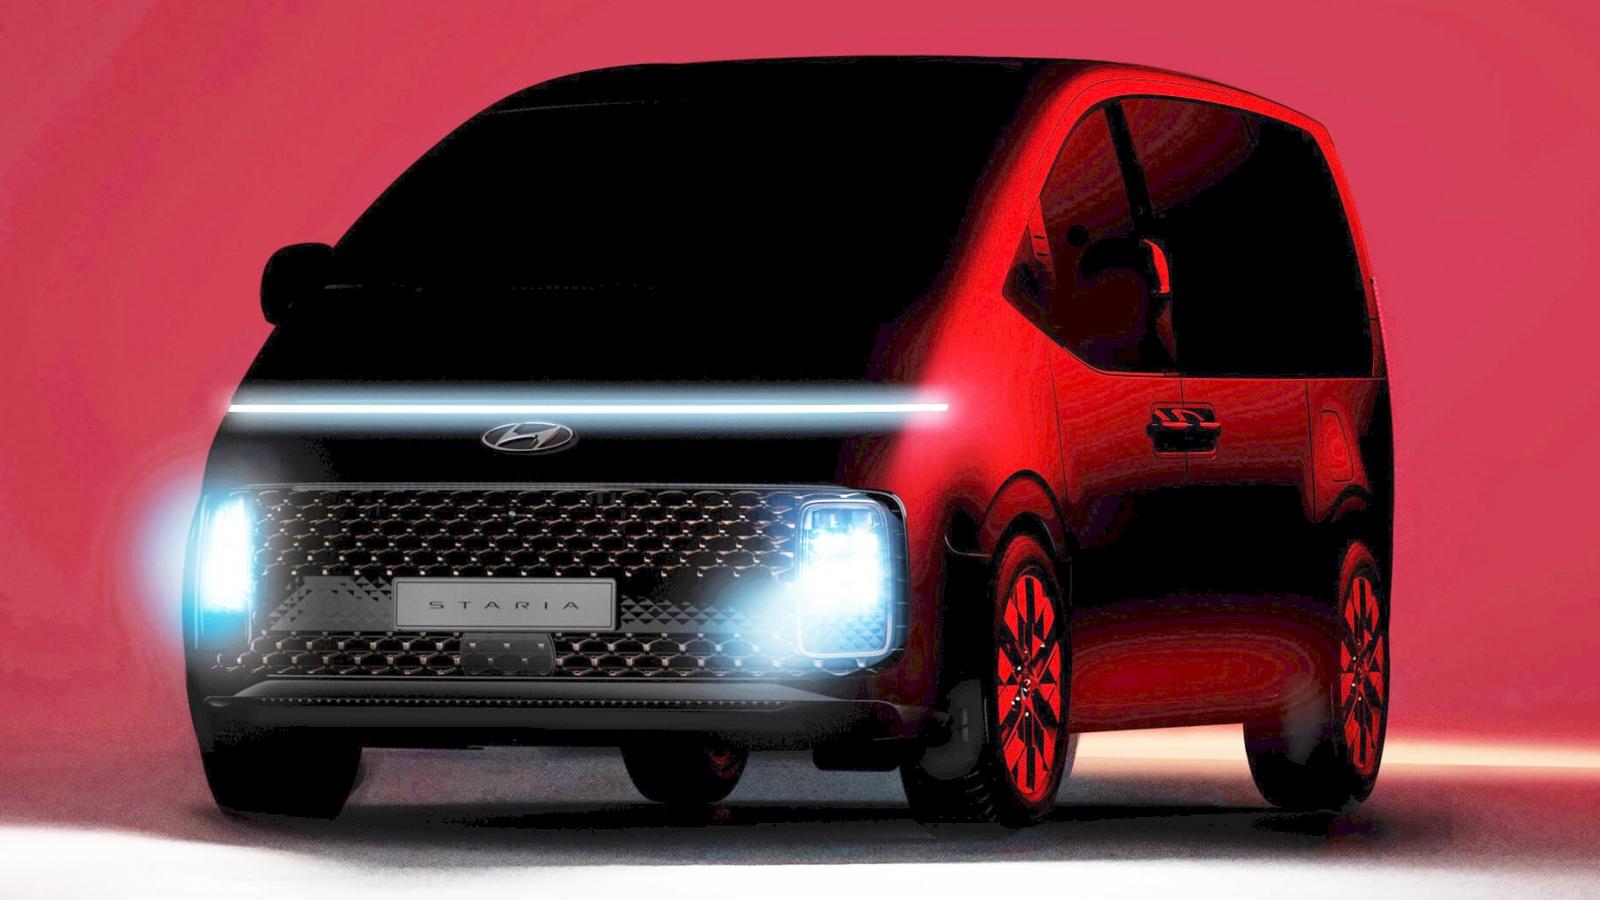 """Chiếc Minivan """"tàu vũ trụ"""" - Hyundai Staria sắp ra mắt"""